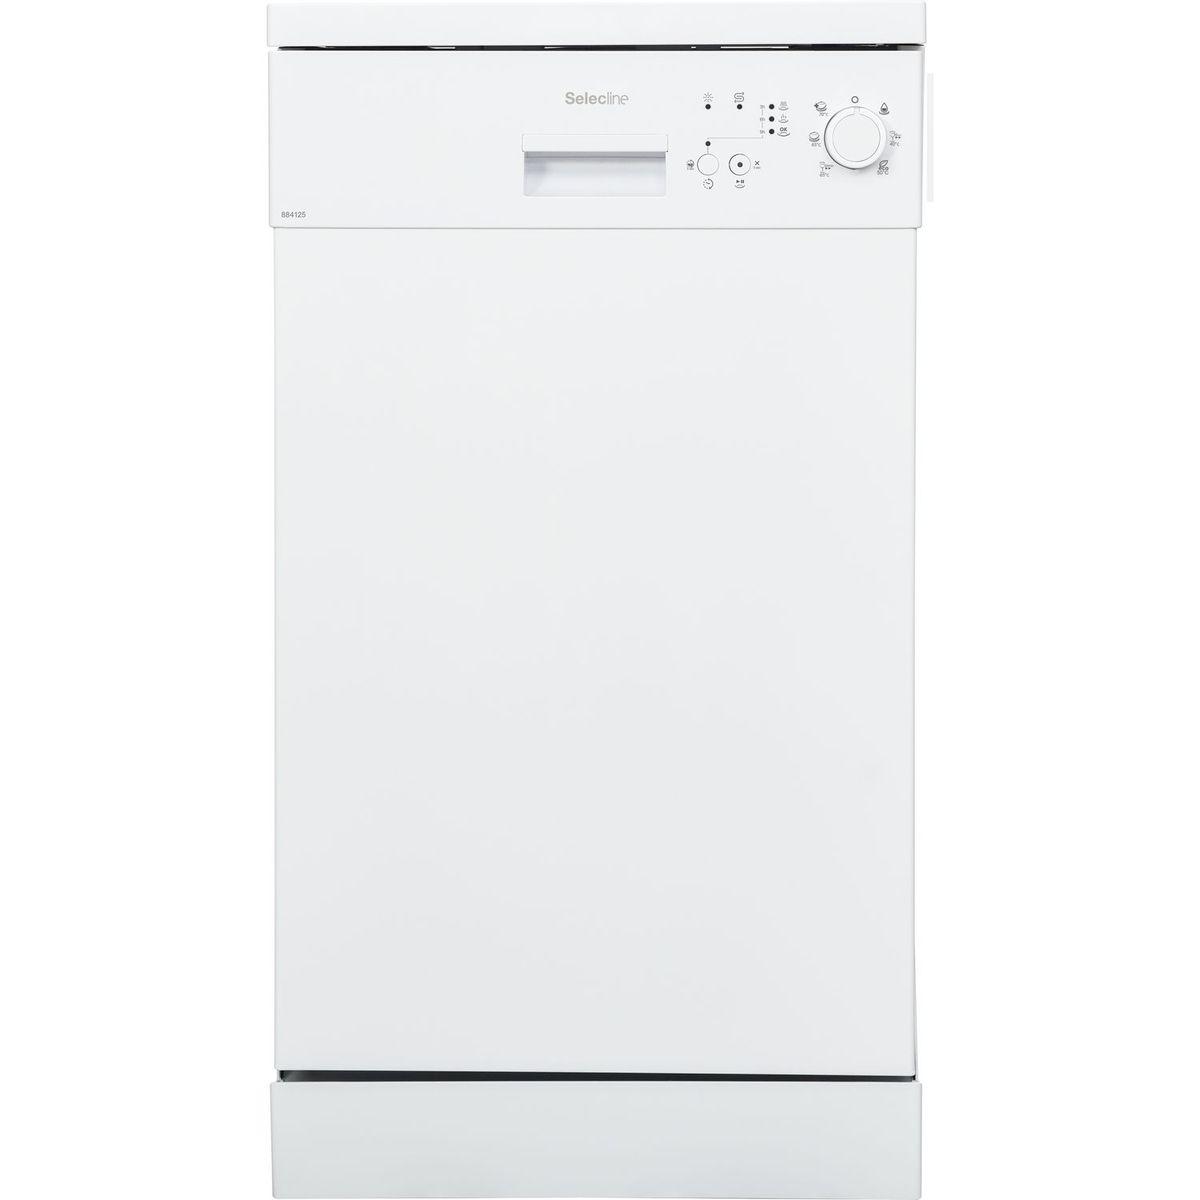 Lave vaisselle non encastrable C1549 / 884125, 10 couverts, 45 cm, 49 dB, 6 programmes